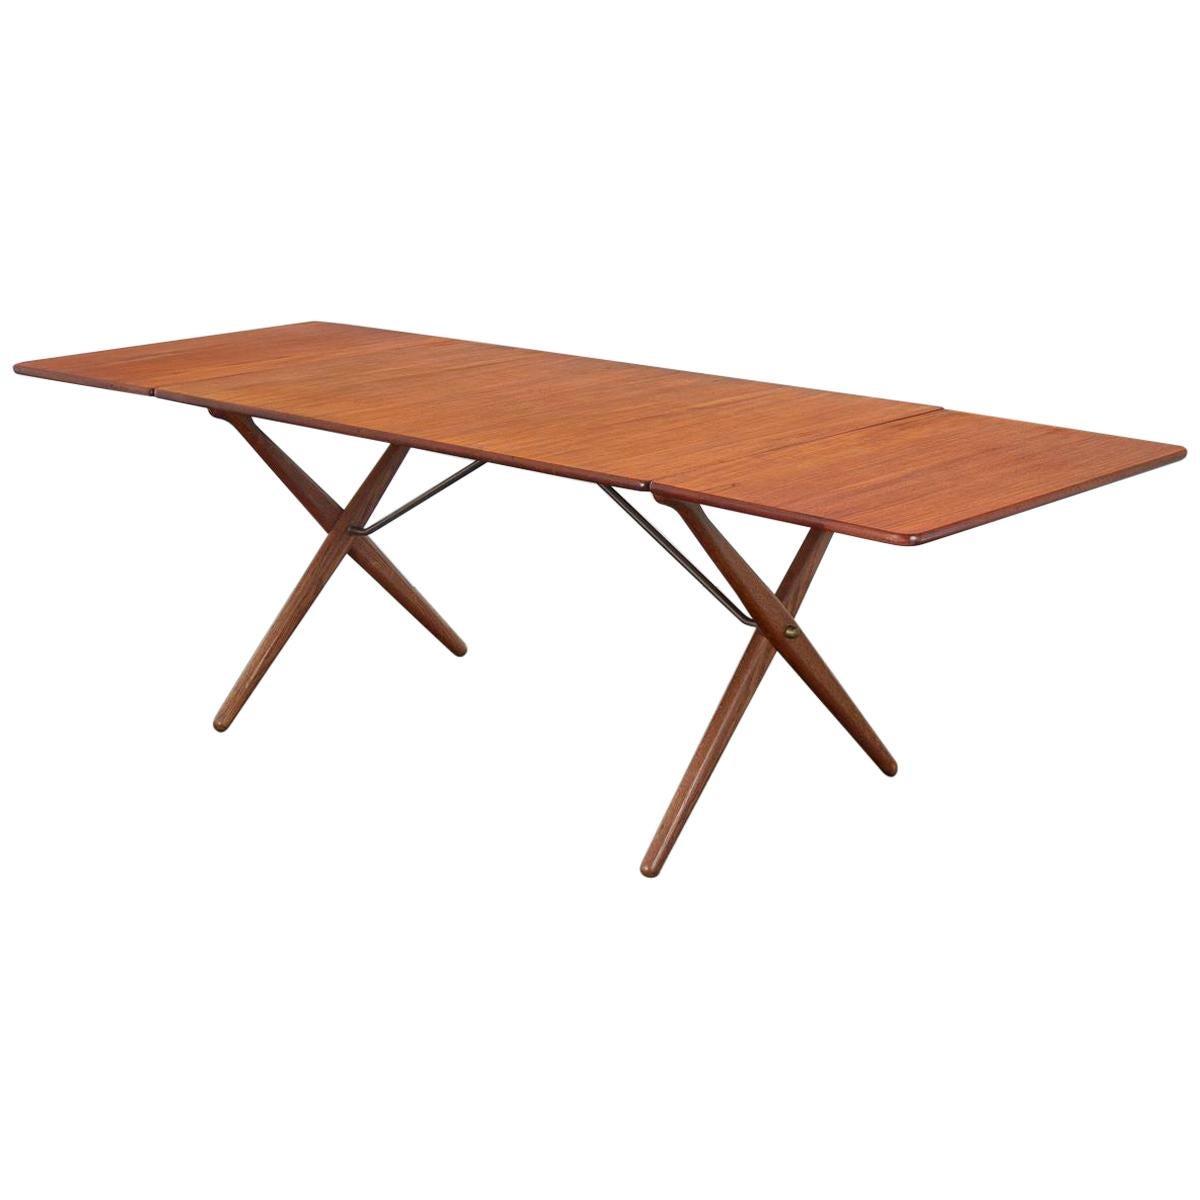 Hans J. Wegner Teak Cross-Leg Dining Table